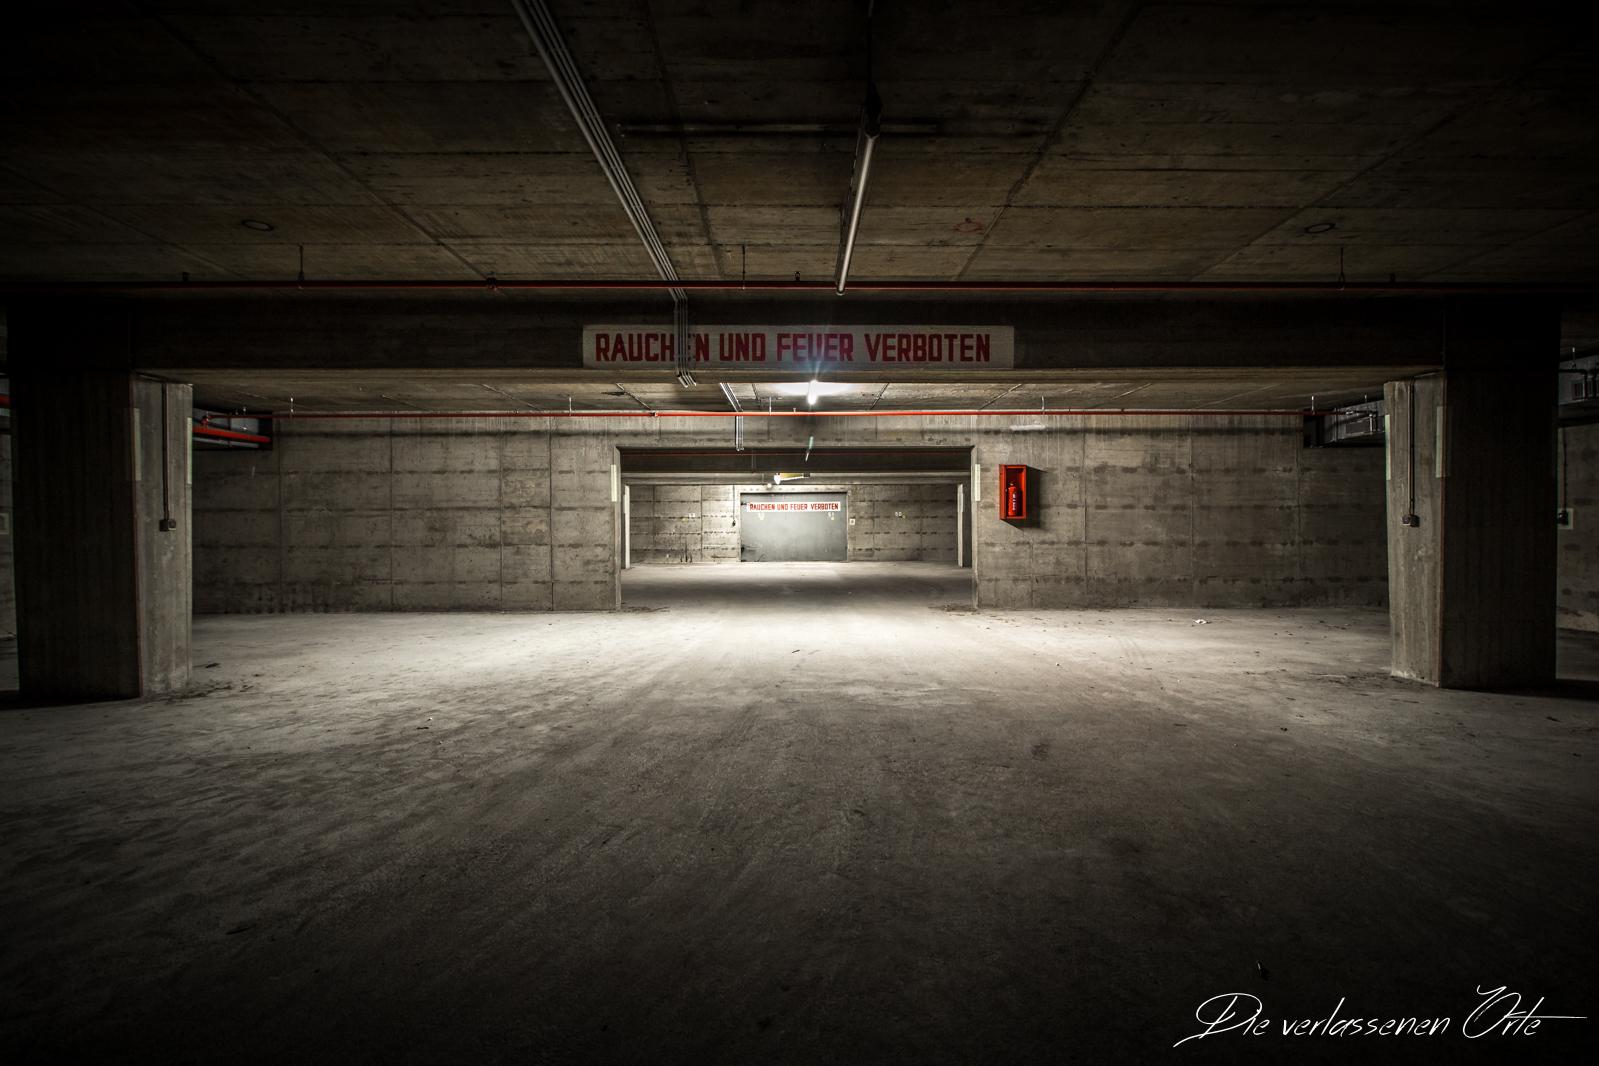 Atomschutzbunker Nrw